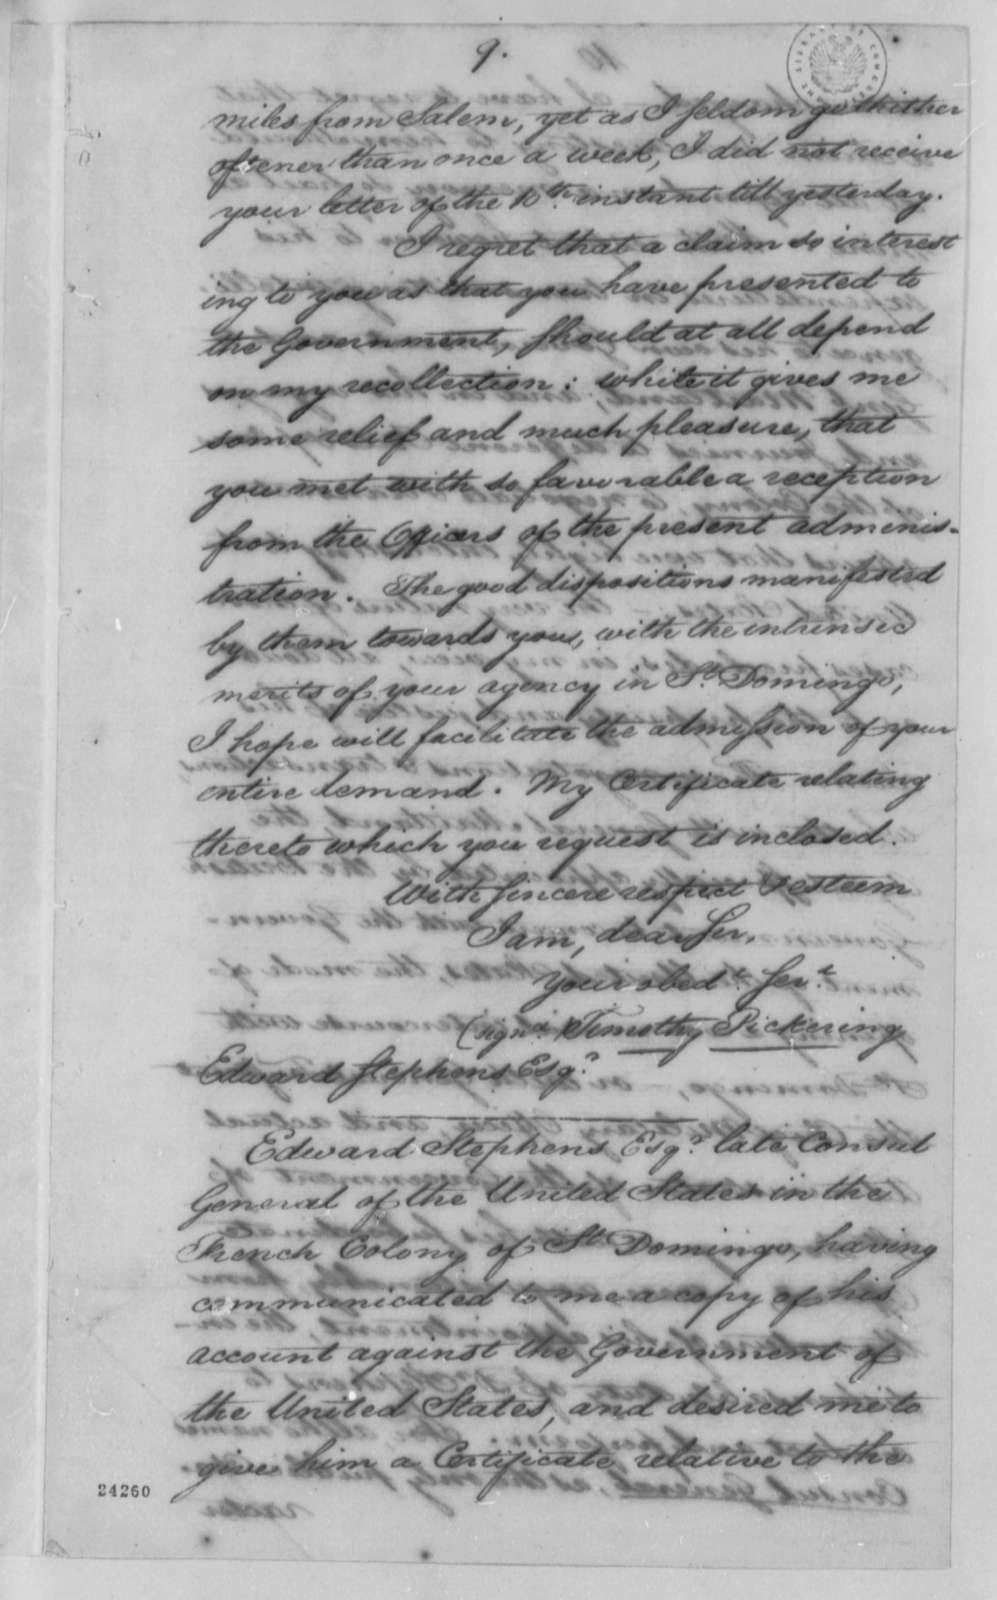 Albert Gallatin to Thomas Jefferson, April 2, 1802